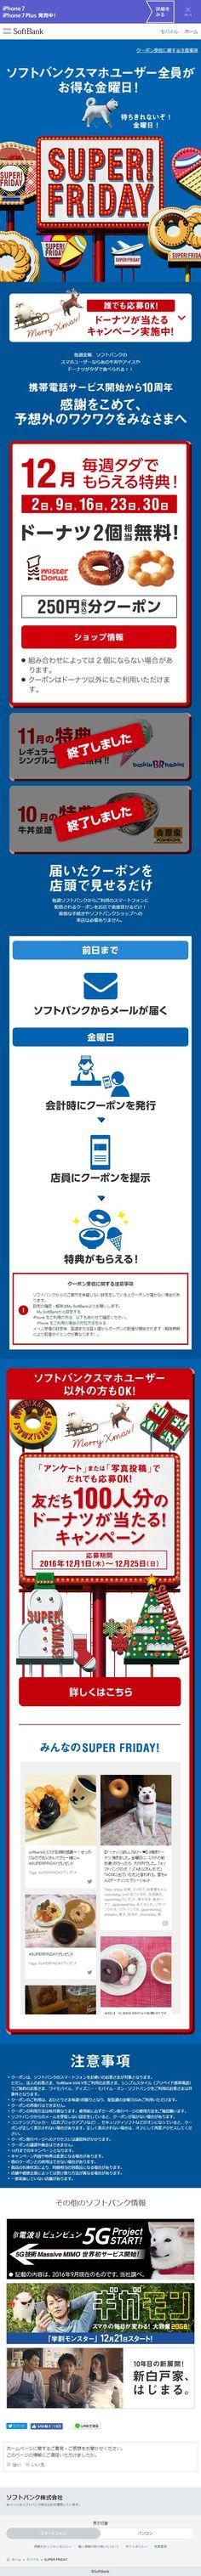 SUPER FRIDAY【サービス関連】のLPデザイン。WEBデザイナーさん必見!スマホランディングページのデザイン参考に(キレイ系)